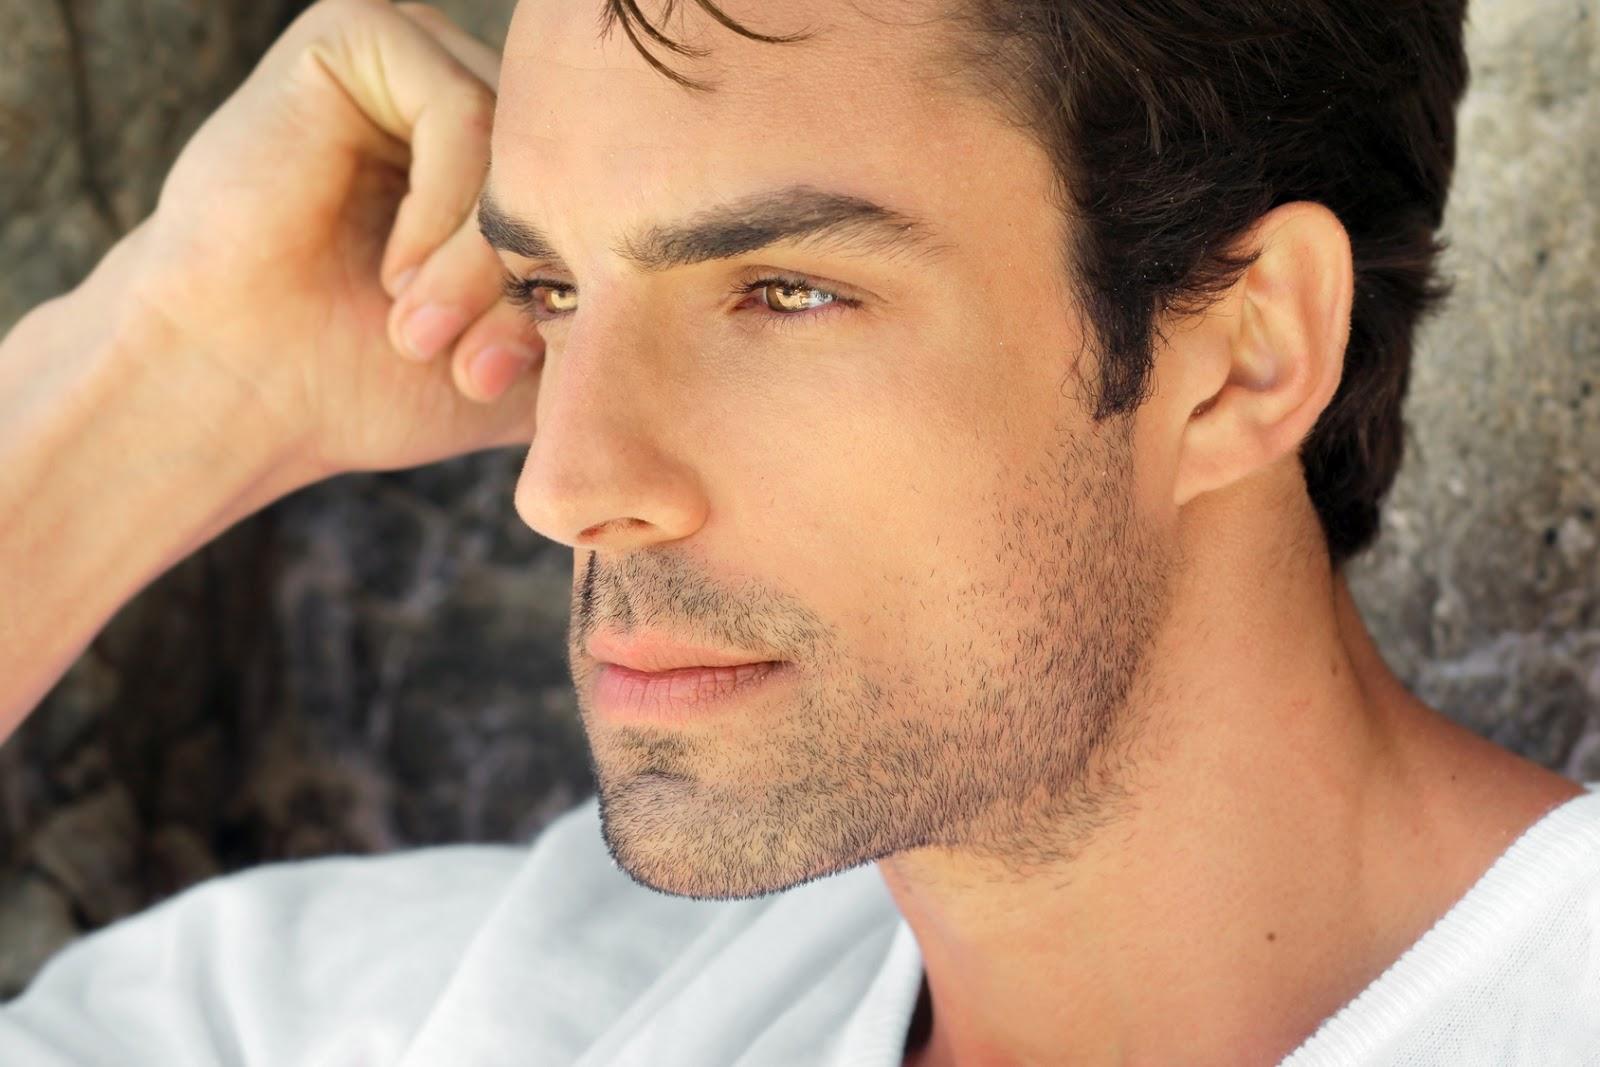 Cách triệt lông hiệu quả cho nam giới, bạn đã biết?1